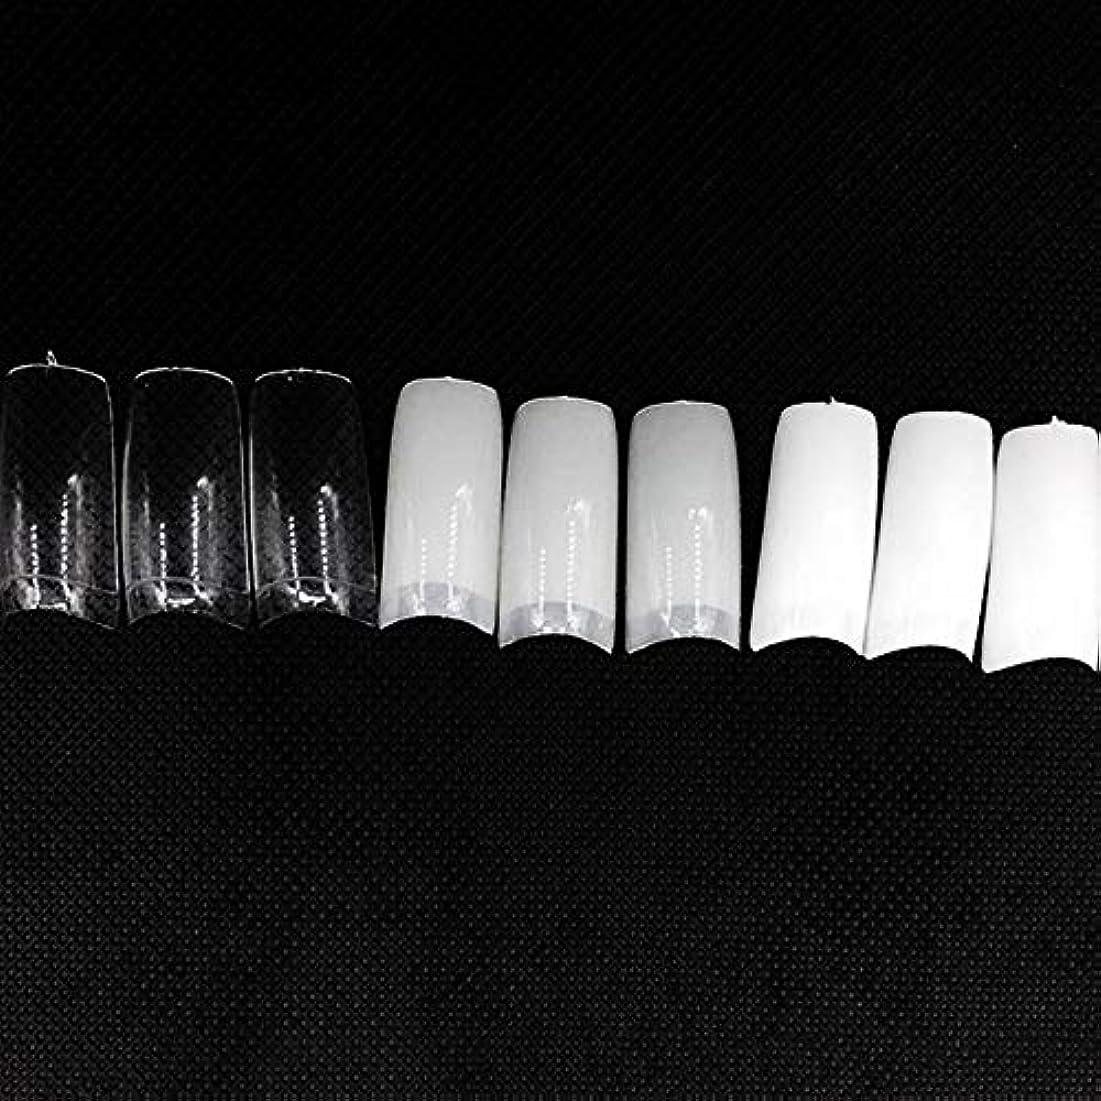 仮装つば悲観主義者ネイルチップ つけ爪 偽爪 無地 ロング オーバル 10サイズ デコレーション フルチップ シンプル DIY デザイン 500個/セット Moomai